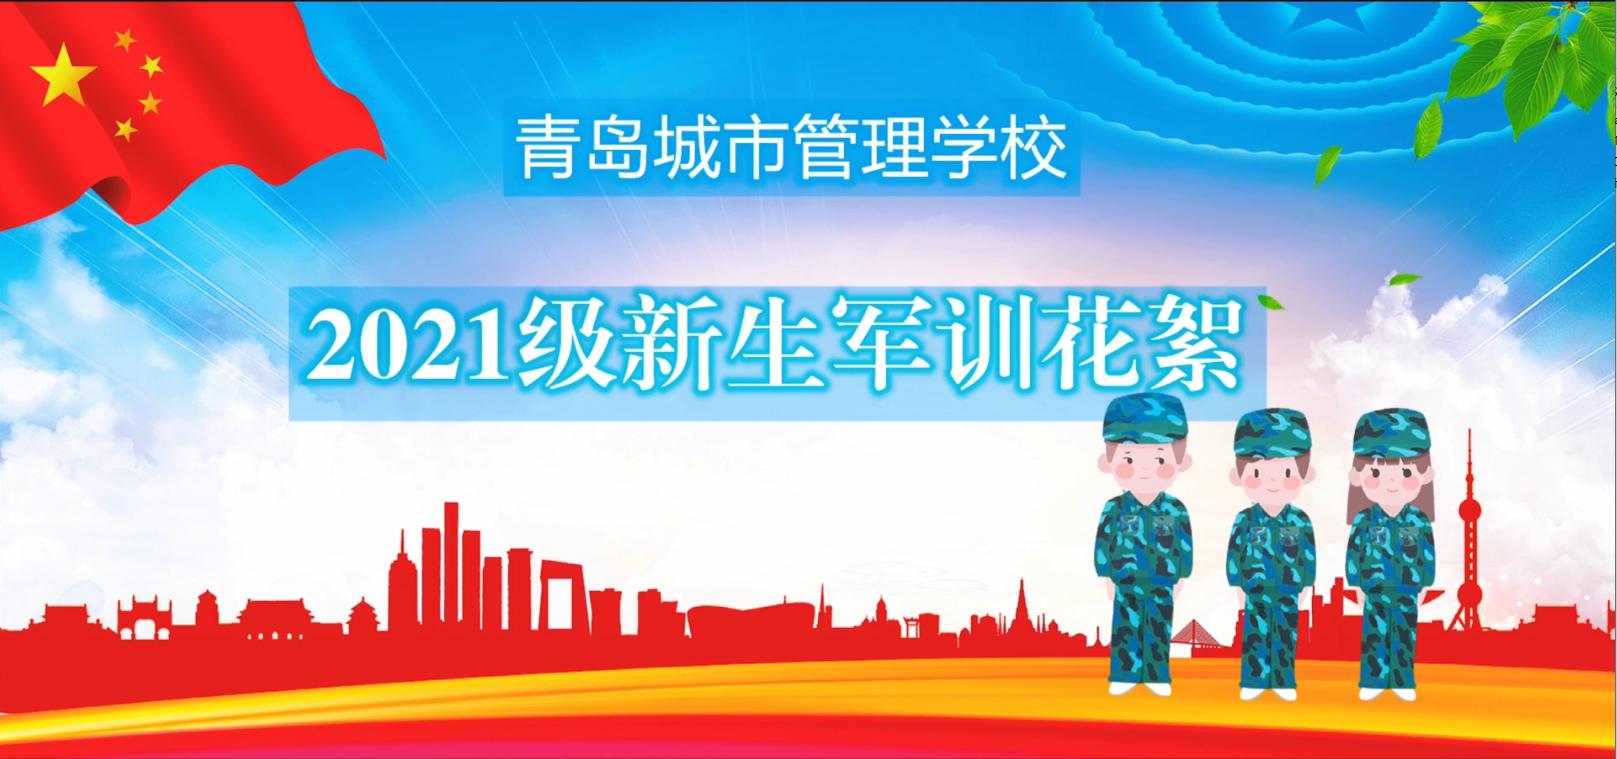 青岛城市管理学校2021新生军训花絮